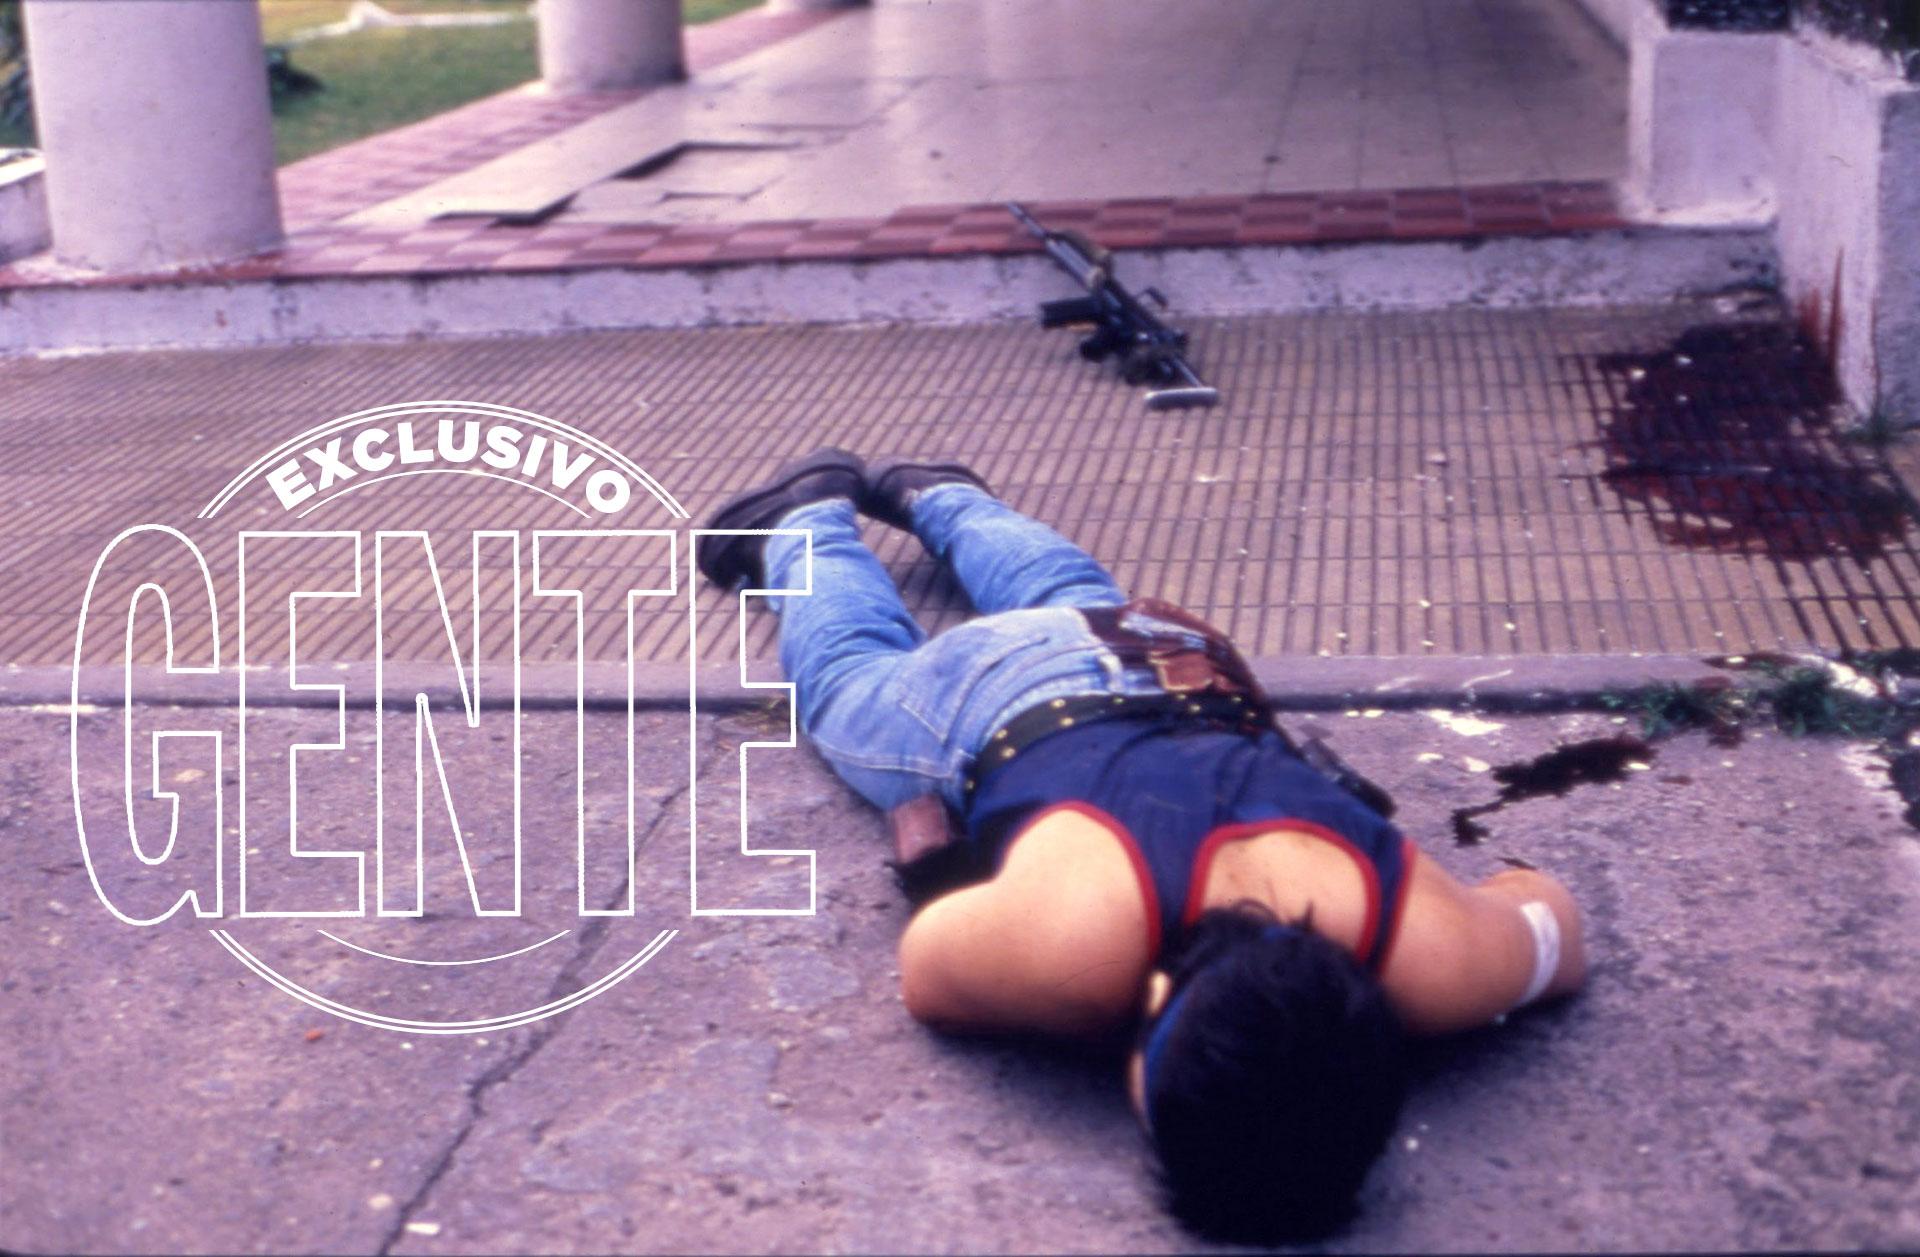 De acuerdo a la investigación que encabezó el fiscal Raúl Plee, hubo 33 muertos entre los guerrilleros, incluidos los cuatro desaparecidos tras la rendición.